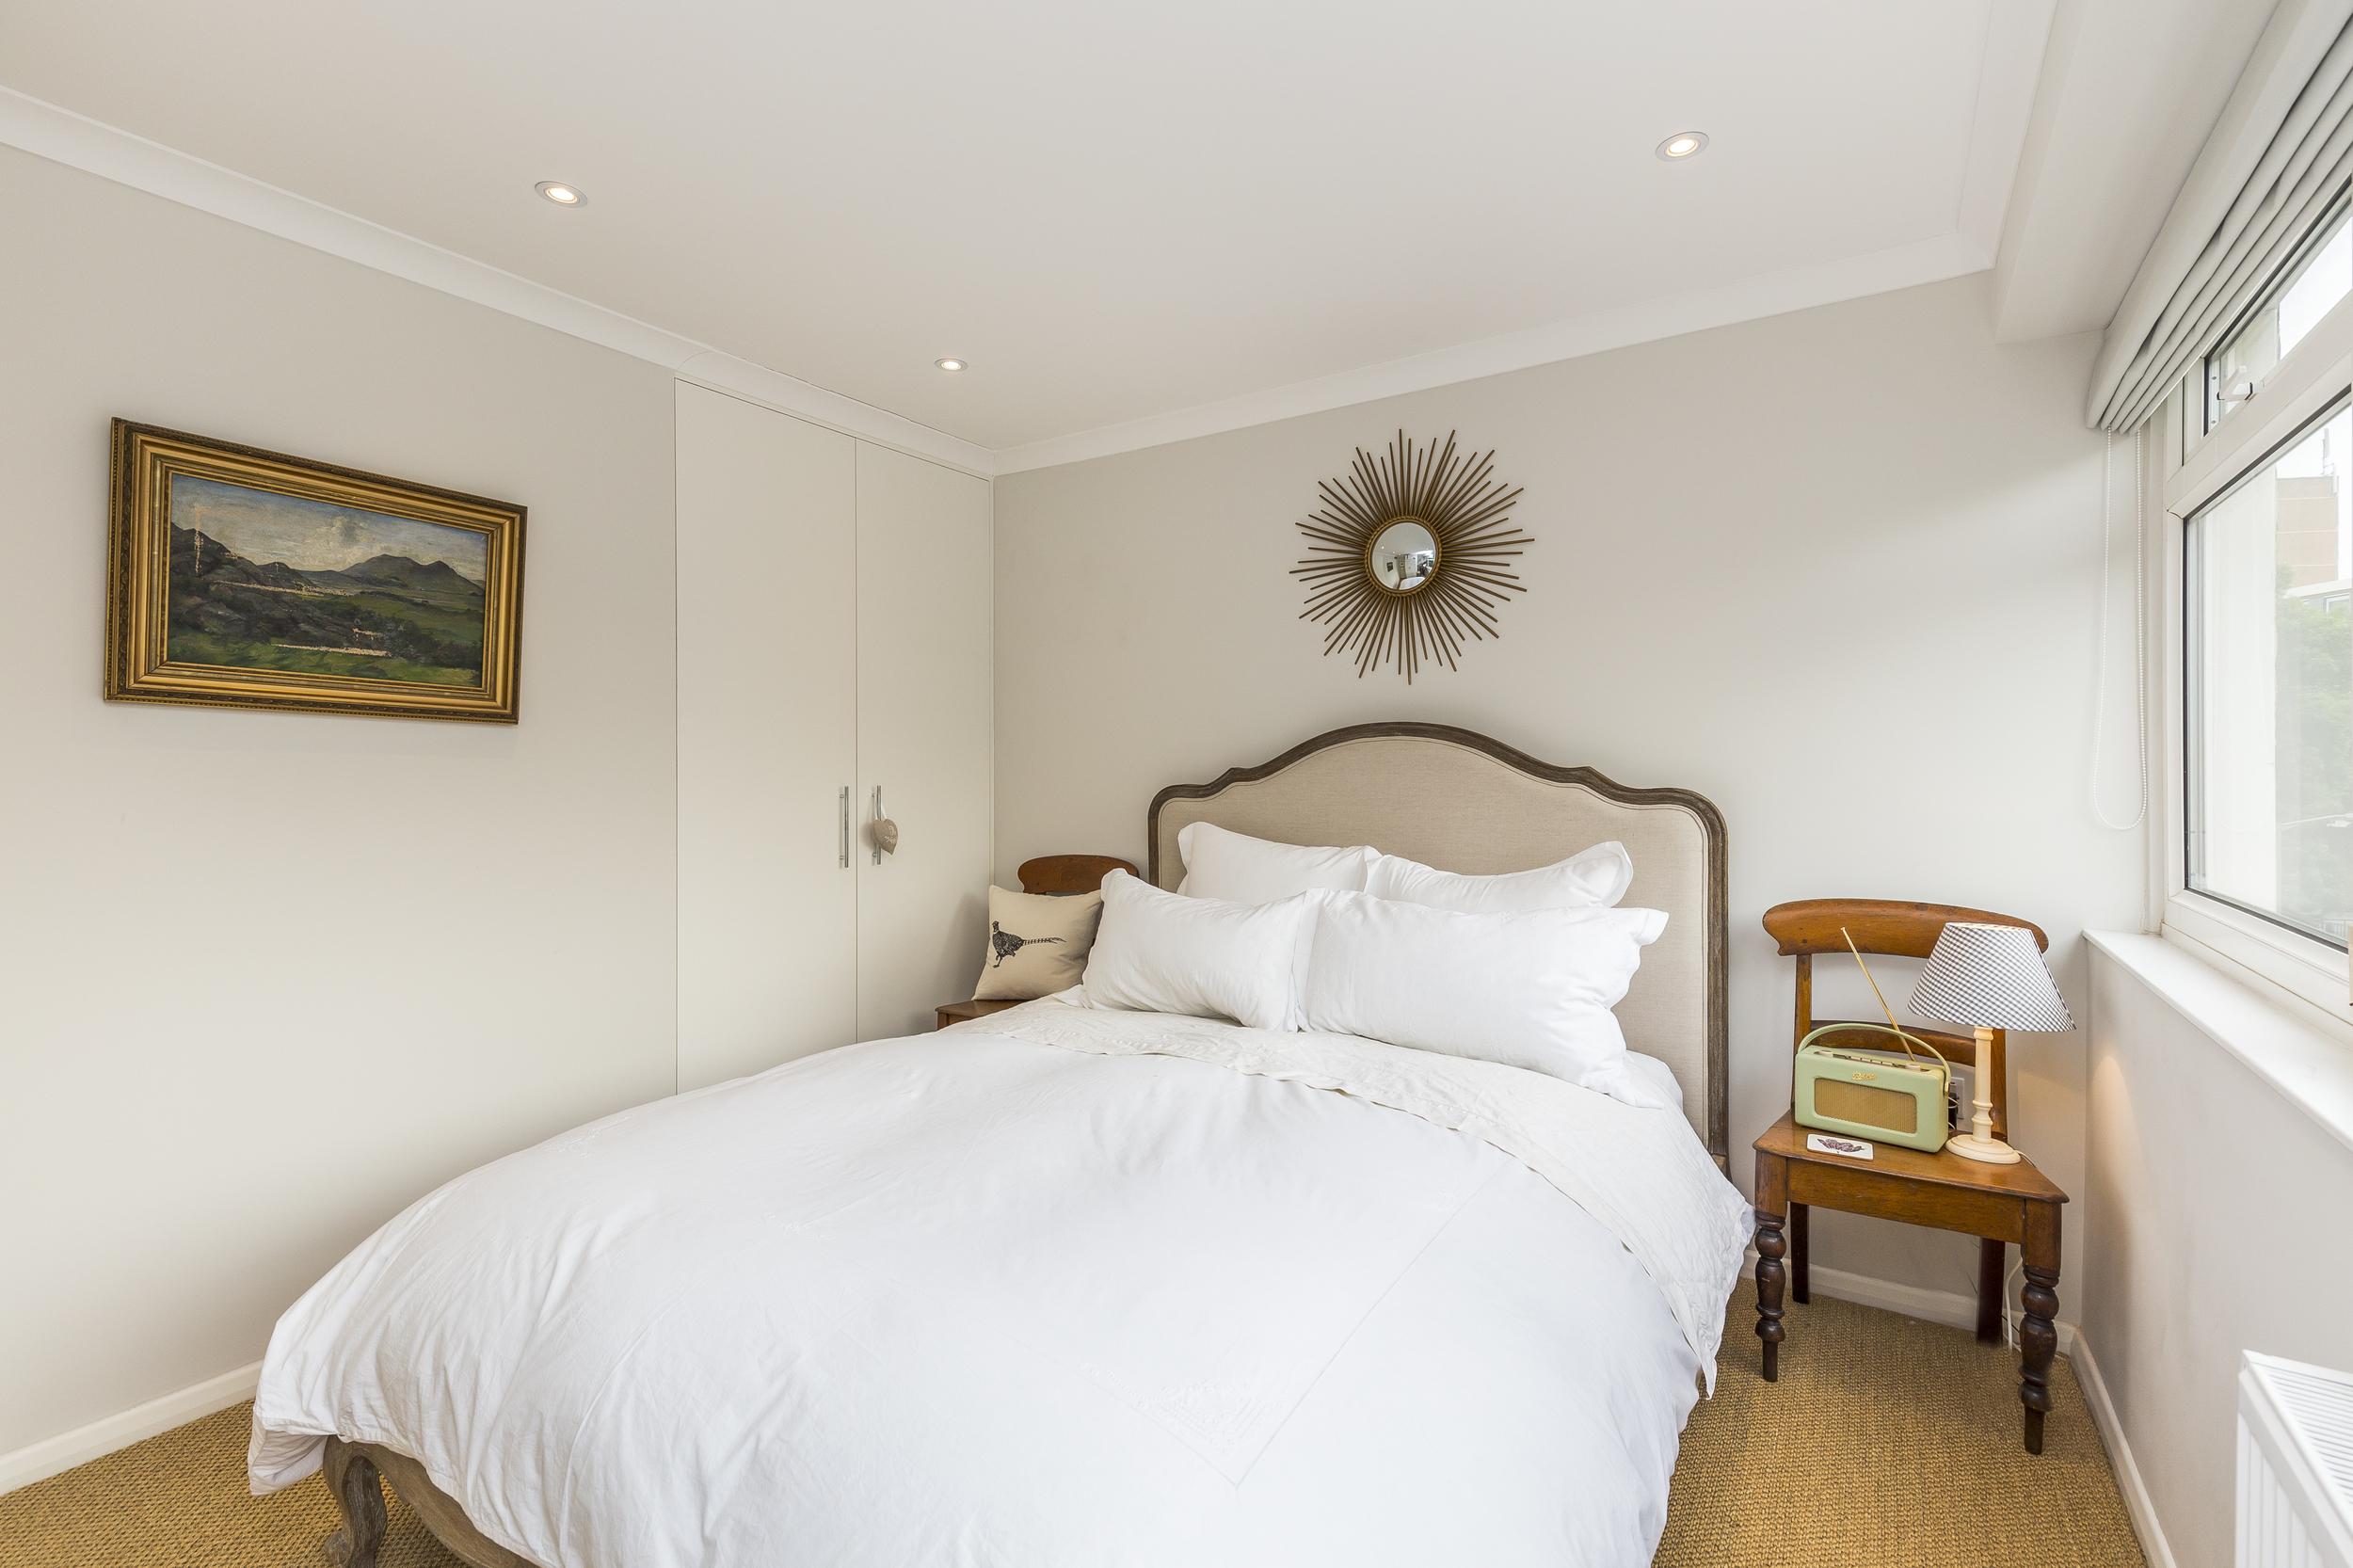 Sheepcote Lane 96 - bed-2.jpg